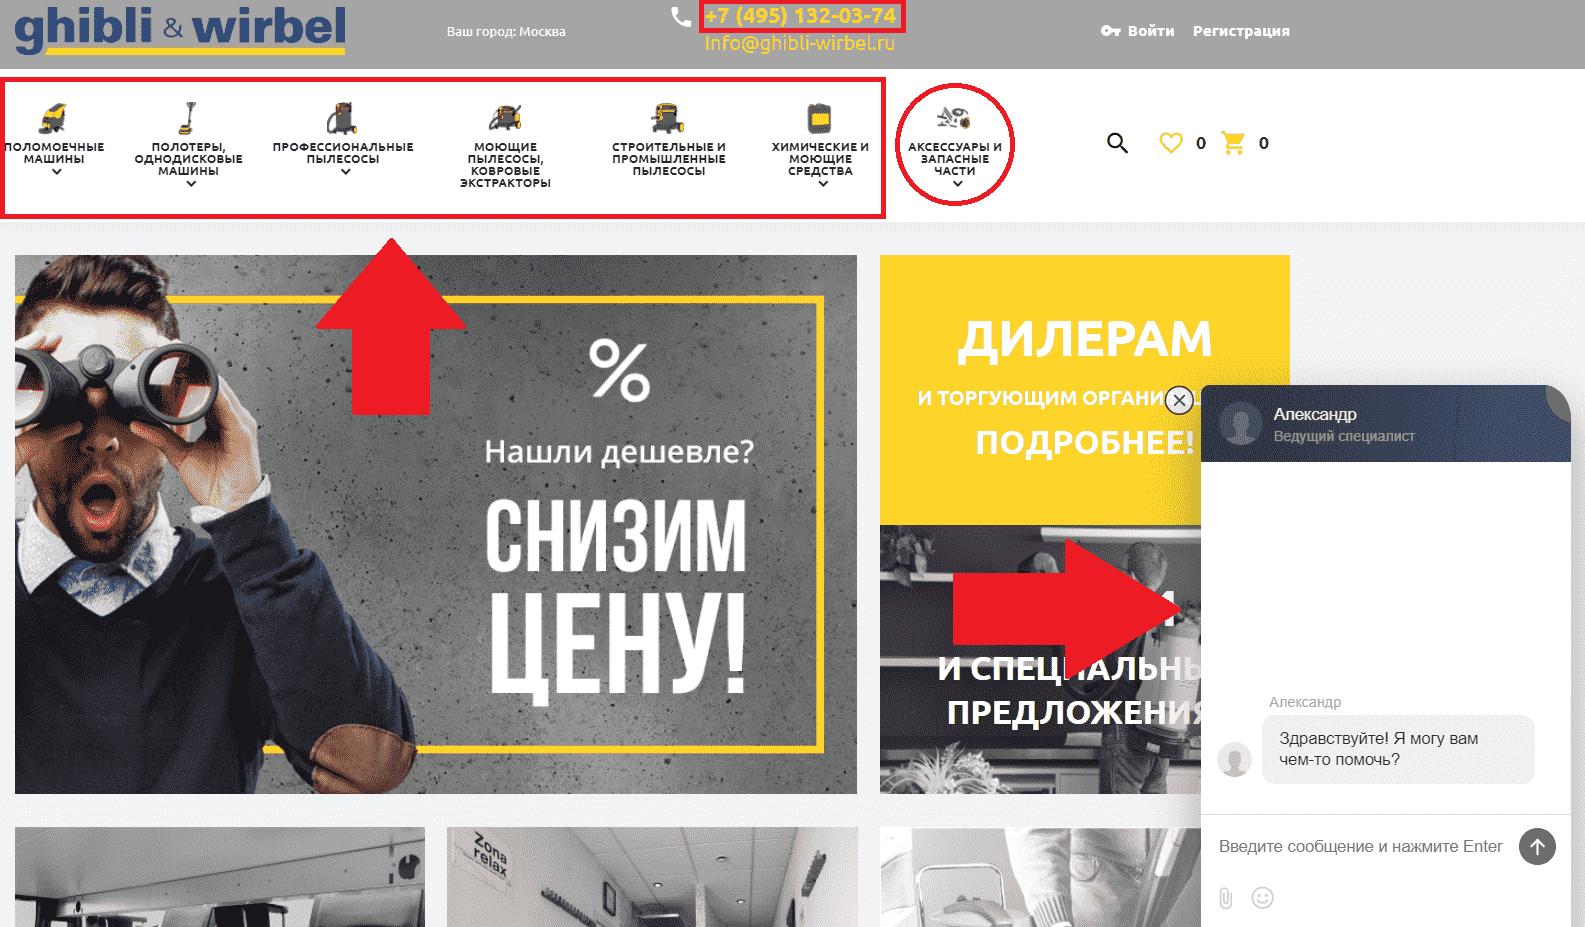 гибли поломоечные машины официальный сайт